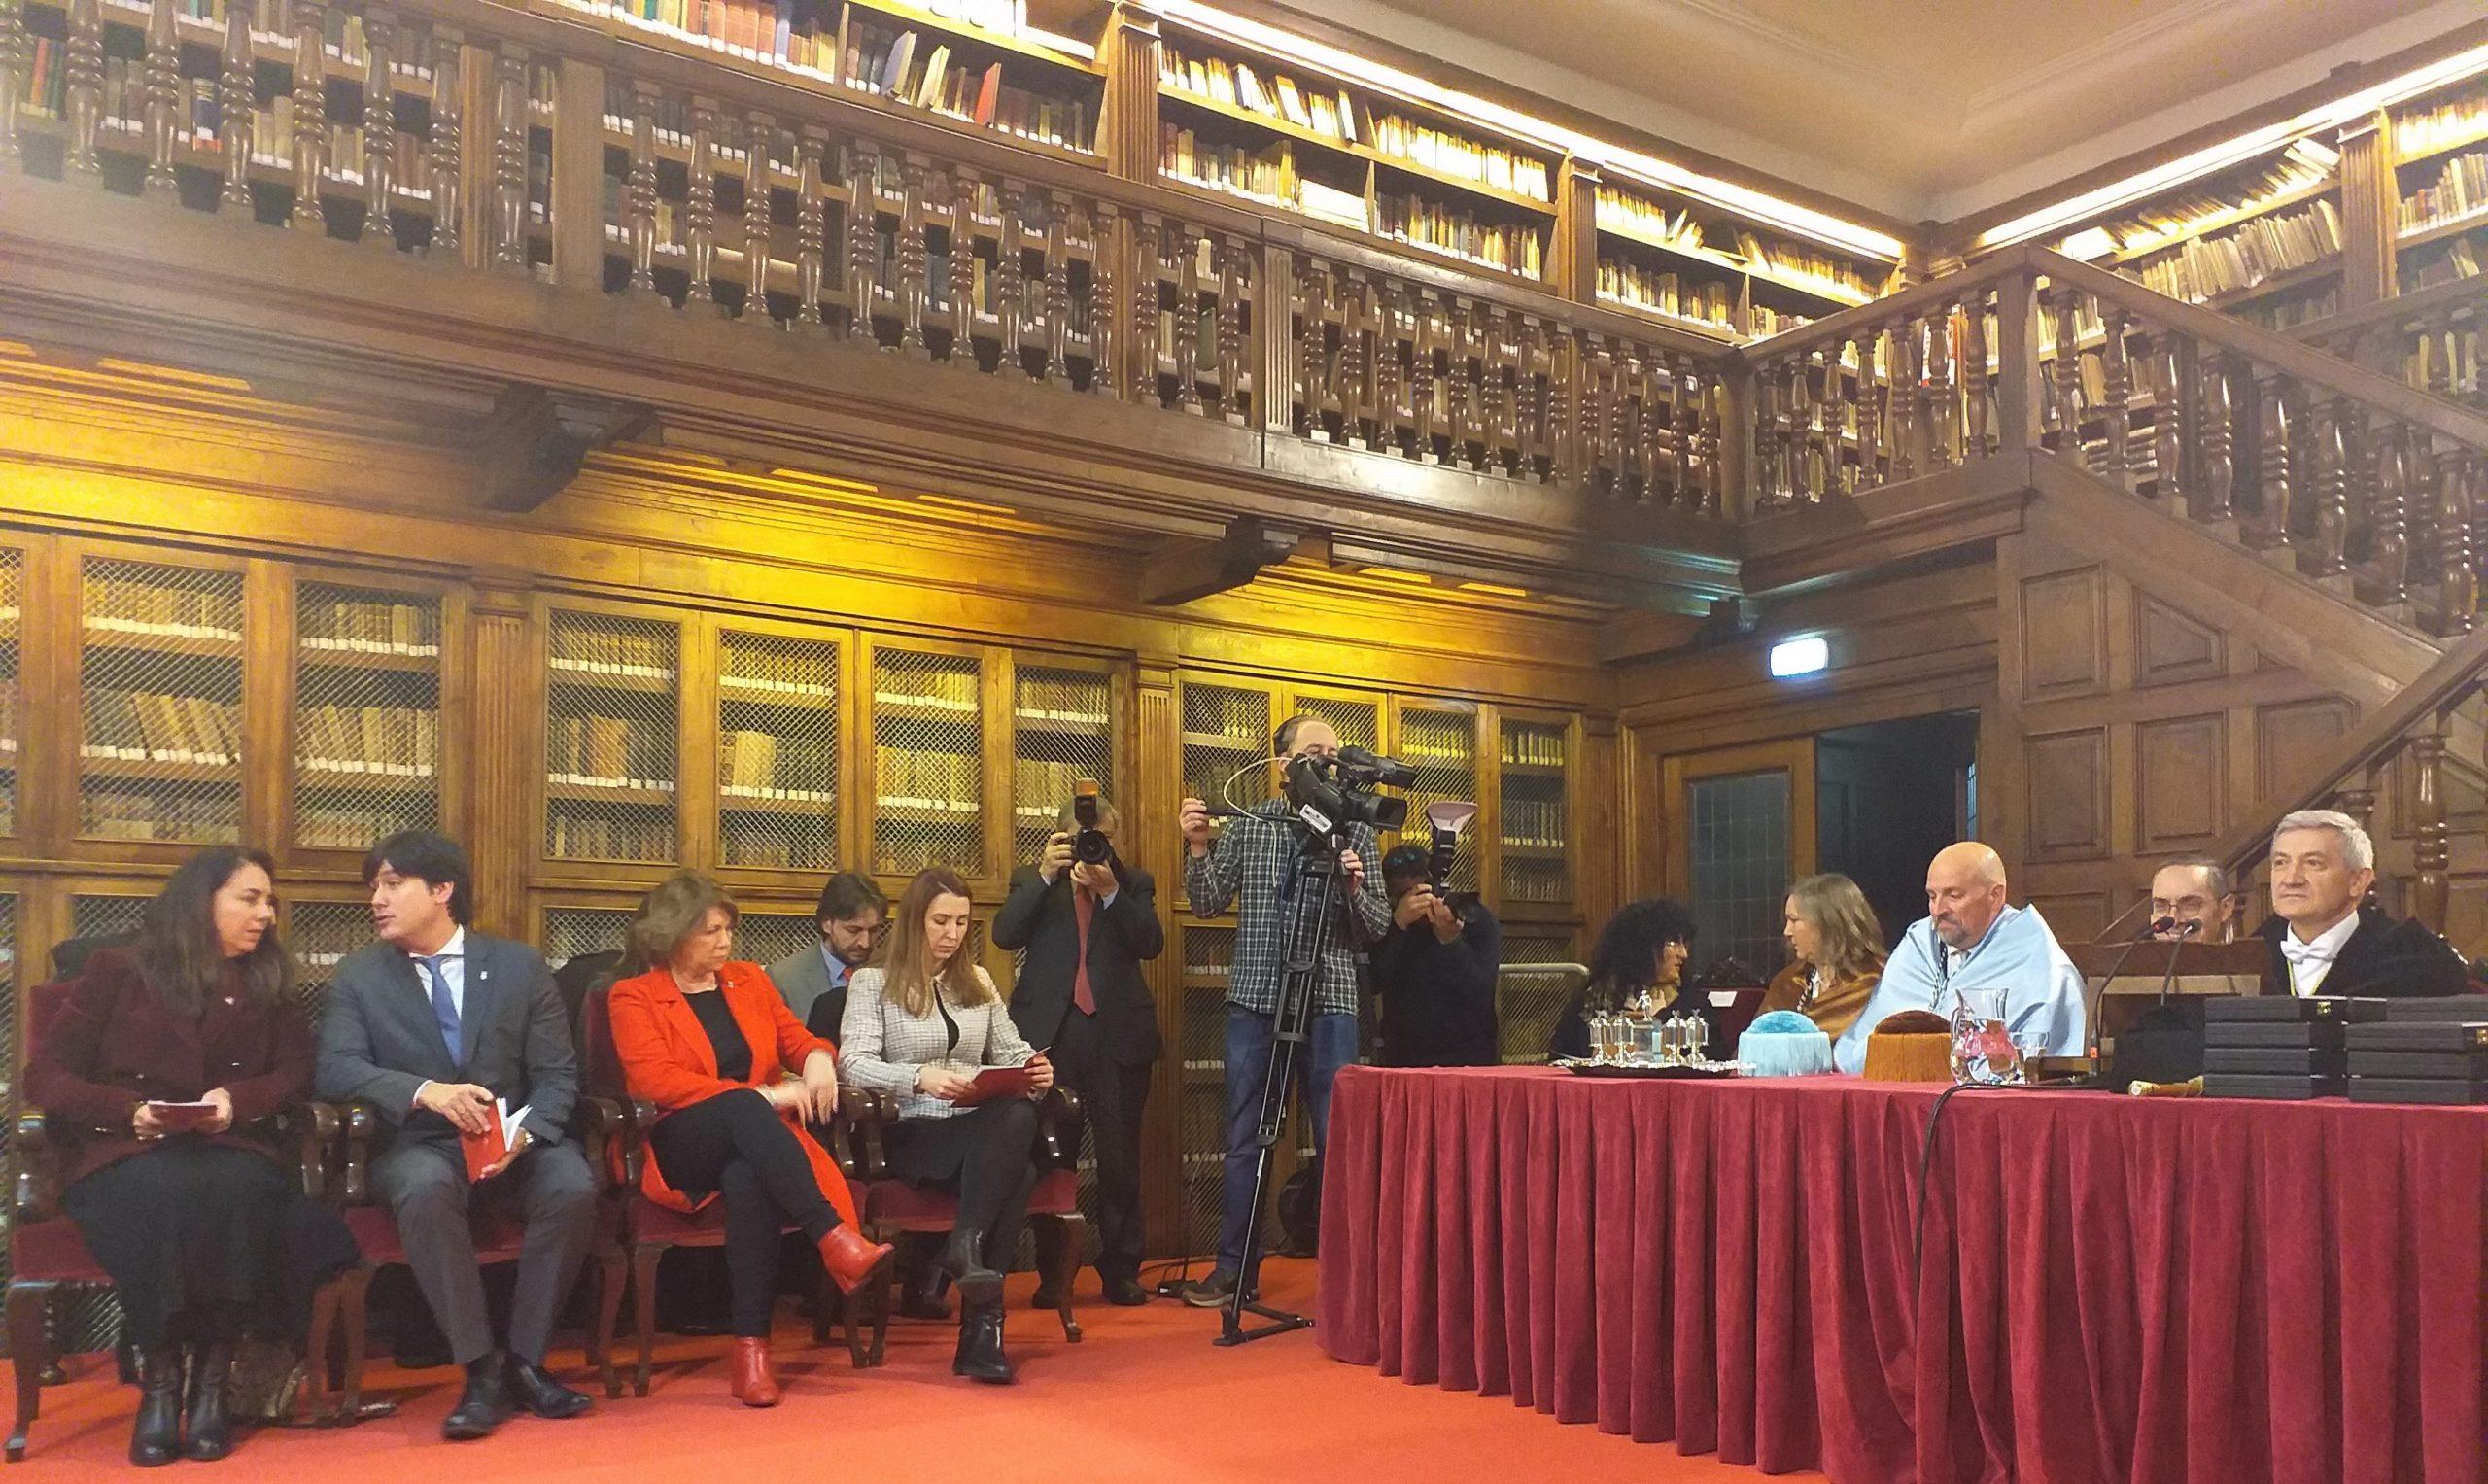 El Consejero de Ciencia, Innovación y Universidad asiste al acto académico del día de Santo Tomás de Aquino